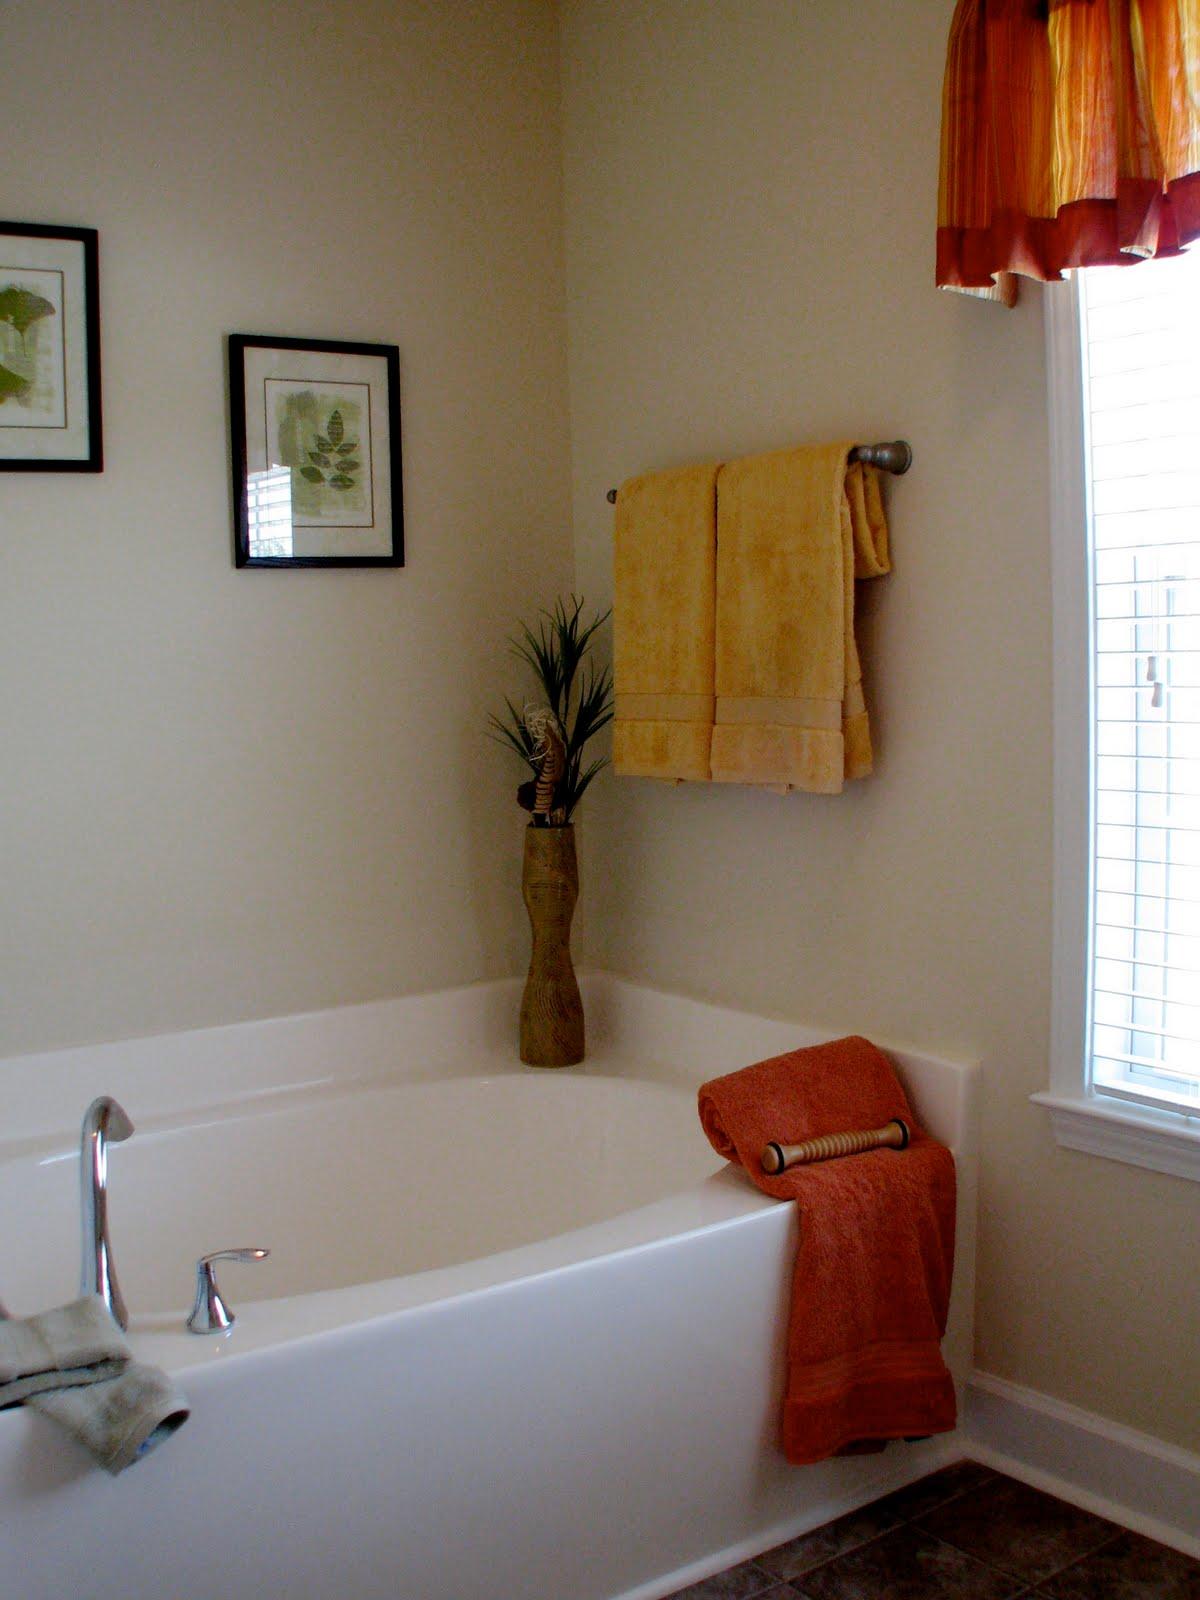 http://3.bp.blogspot.com/_nQLhuesoEps/TGBPpNnQsQI/AAAAAAAAAJg/CWgmn_Y875g/s1600/bathroom.jpg